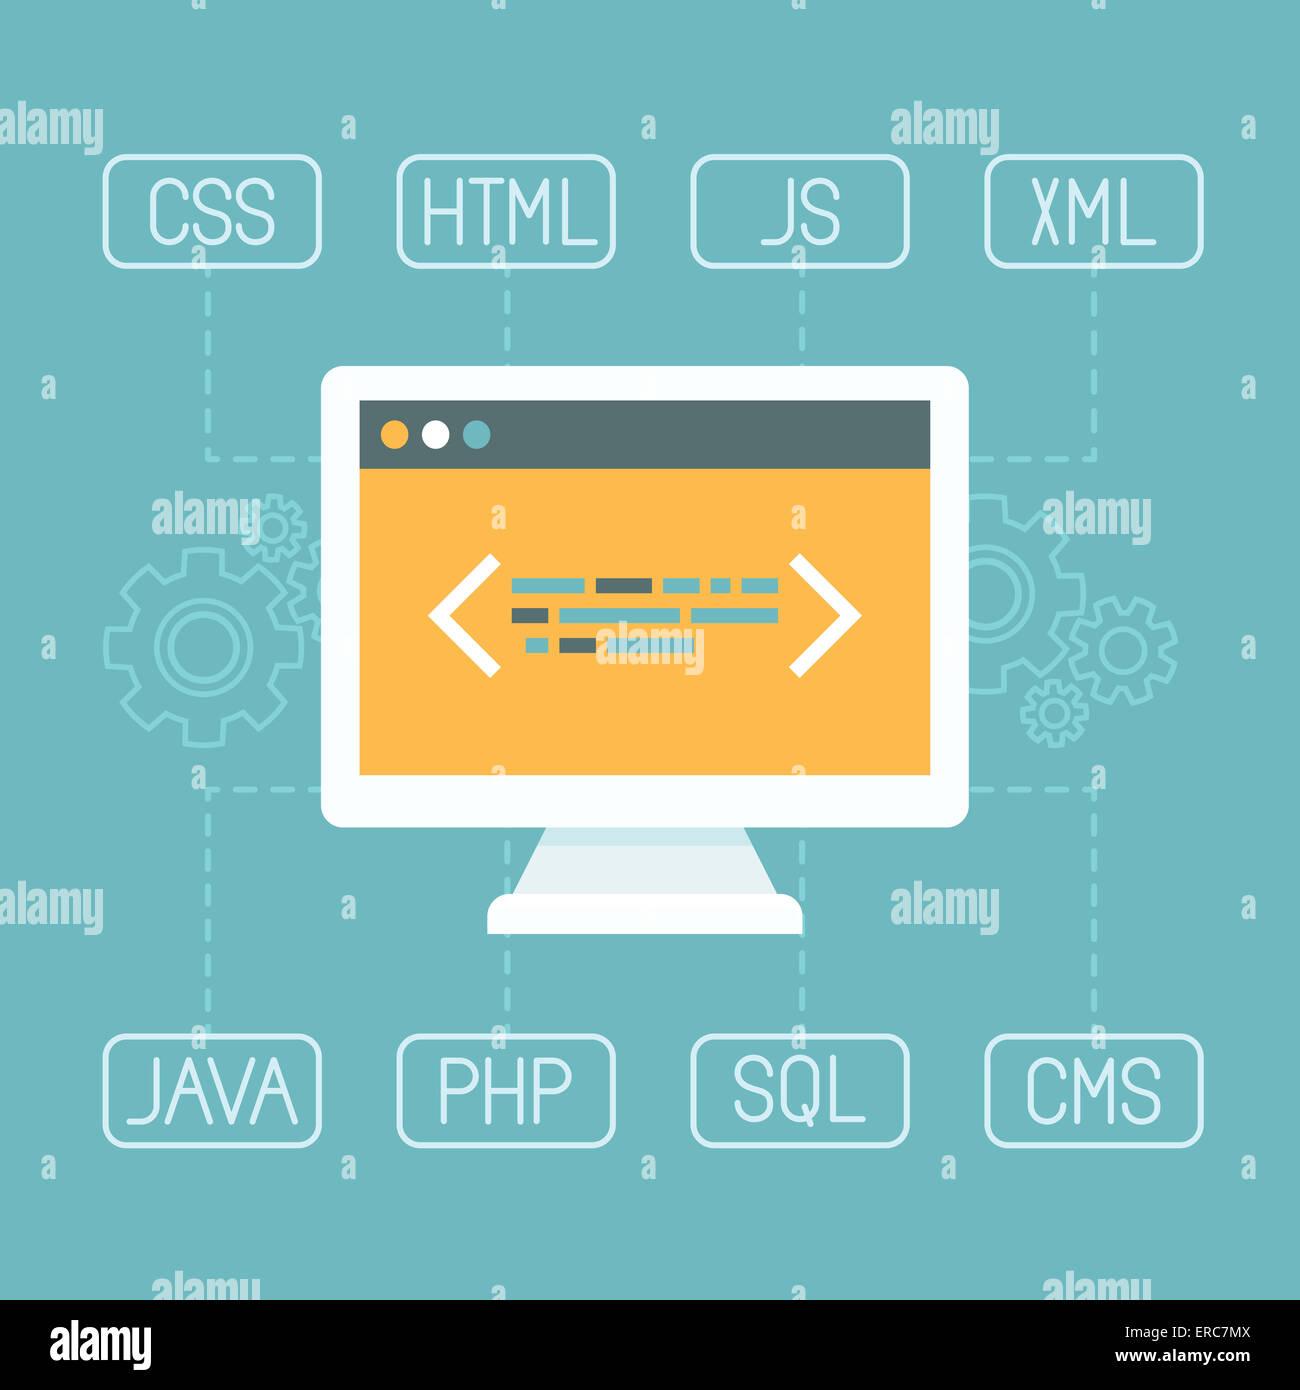 Web-Entwicklungskonzept in flachen Stil - Programmierung und Programmierung Konzept - Internet tecgnologies Stockbild